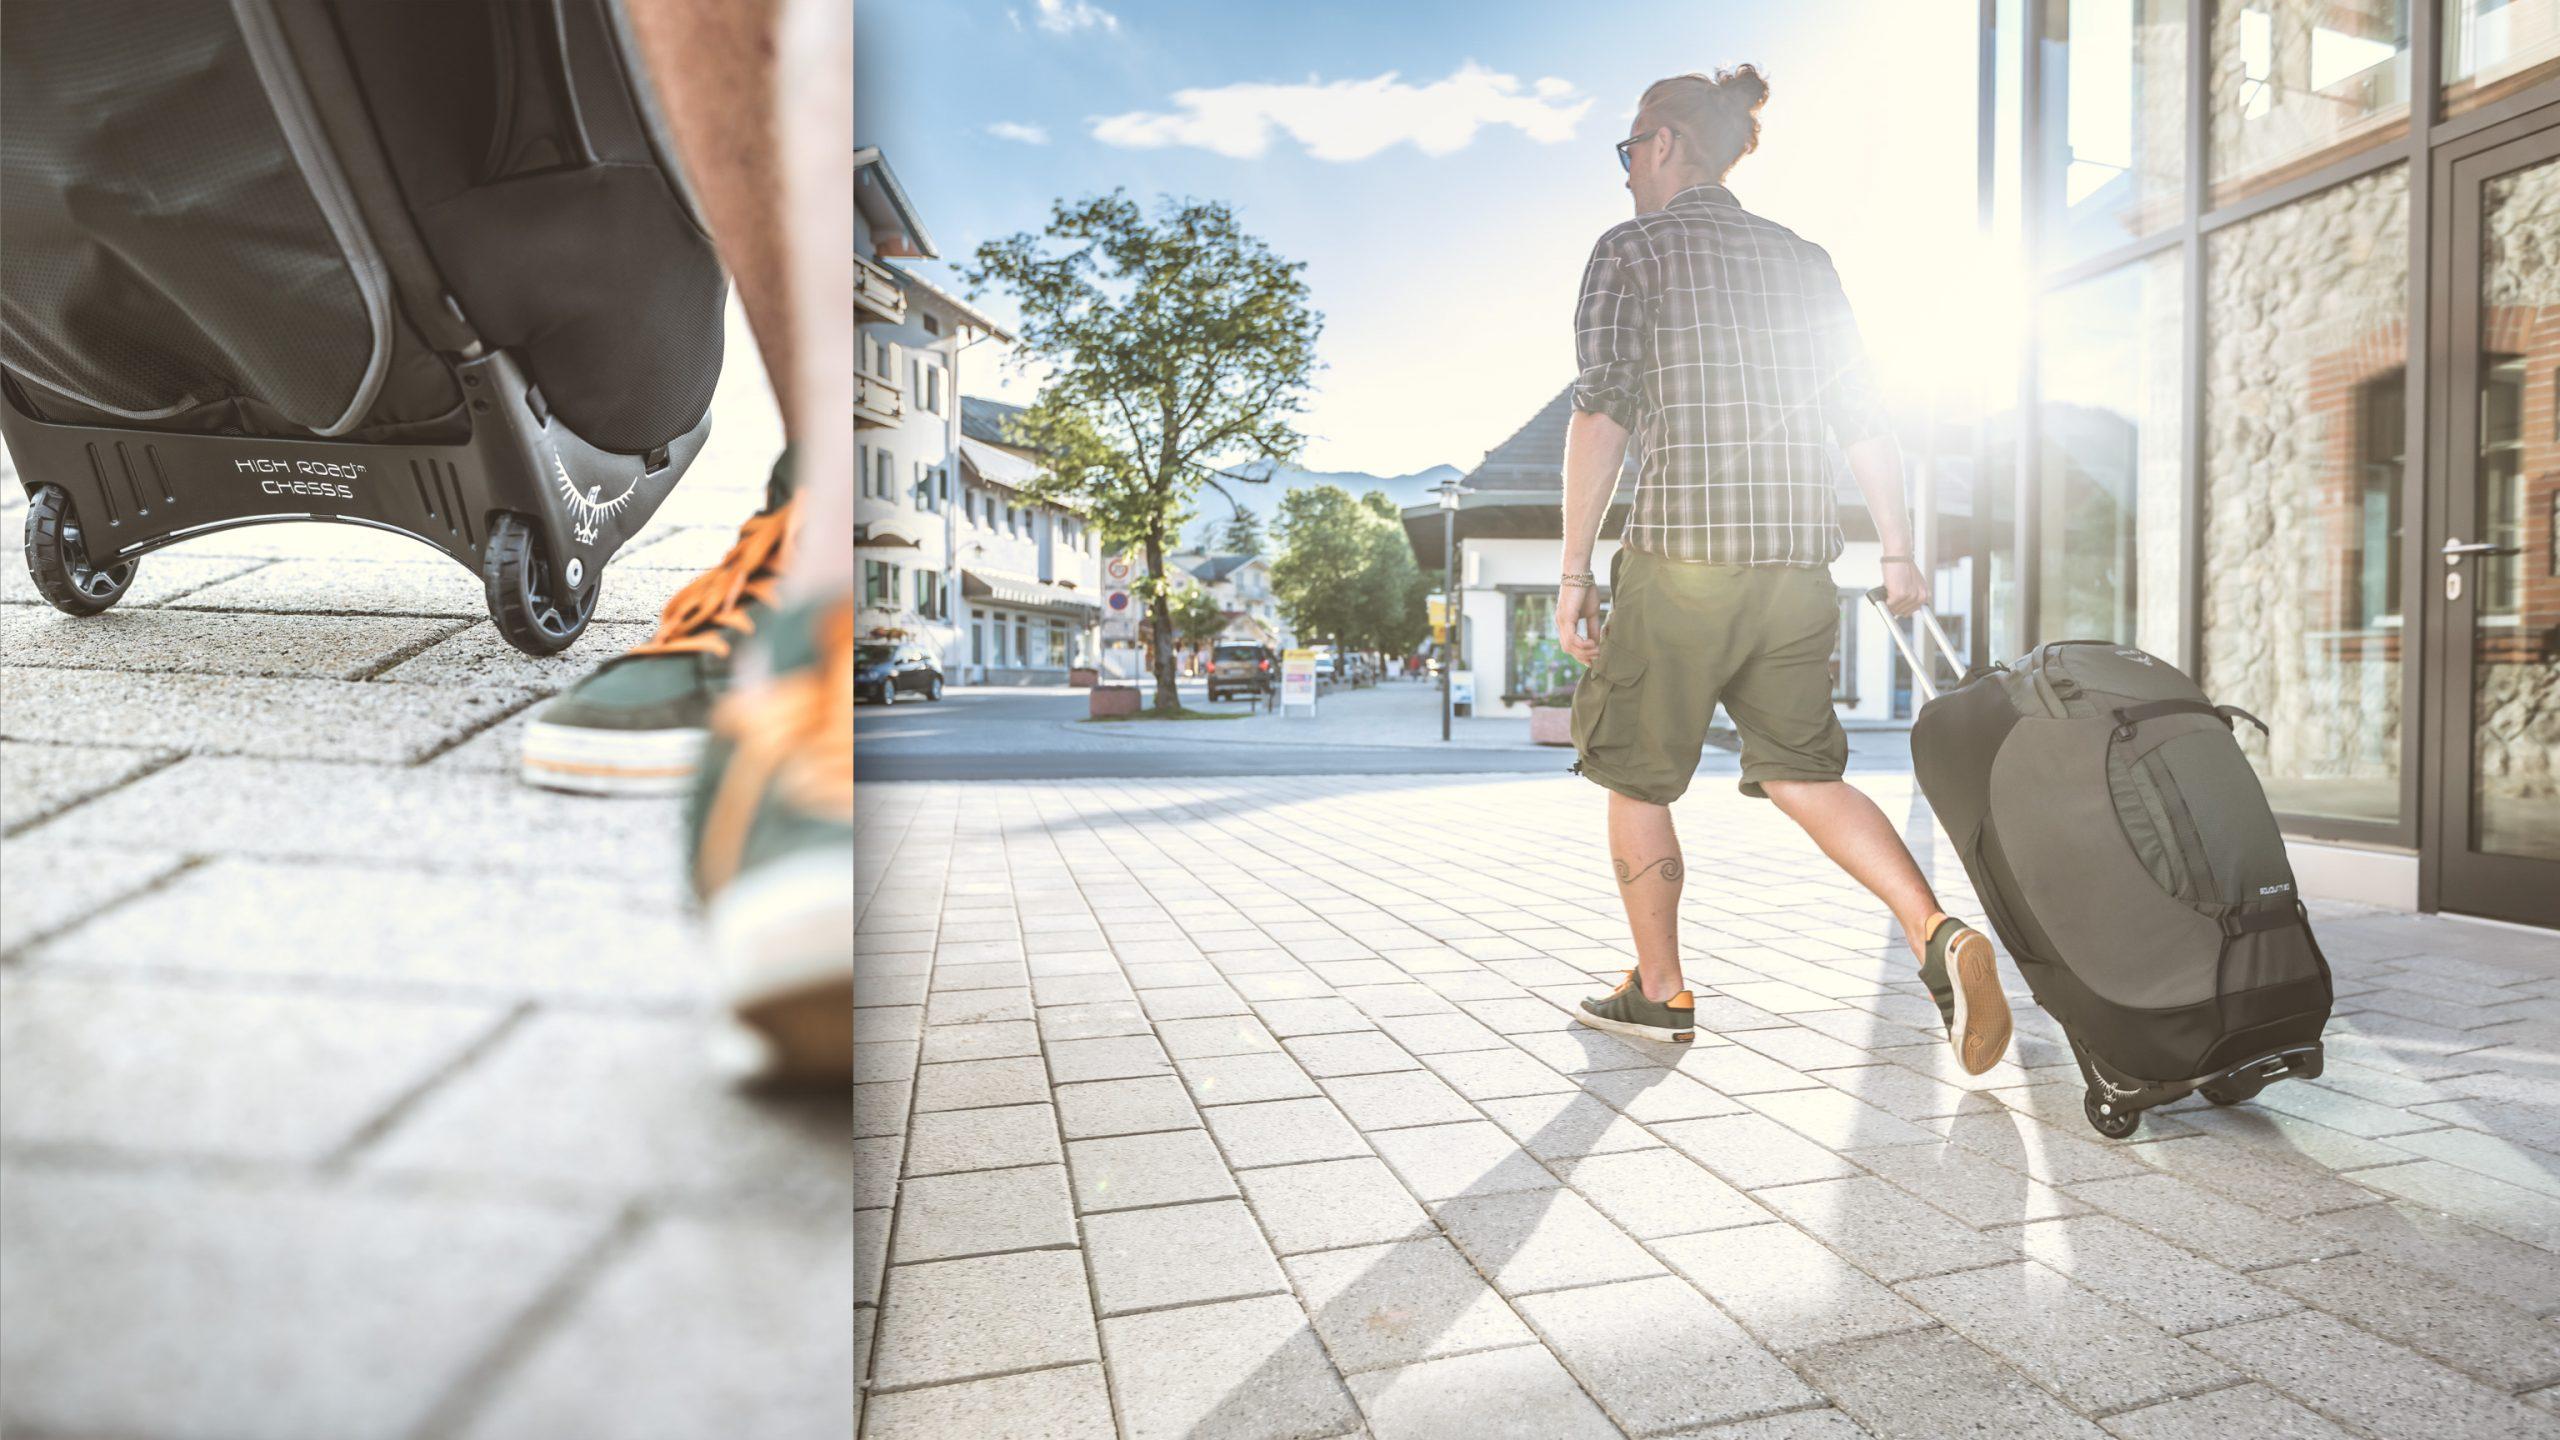 männlicher Reisender in Hemd und kurze Hose mit Osprey Soujourn 80 Trolly Rucksack Koffer den Regionalzug am Ländlichen Bahnhof im Sonnenuntergang - emotional Detail Rollen High Road Chassis